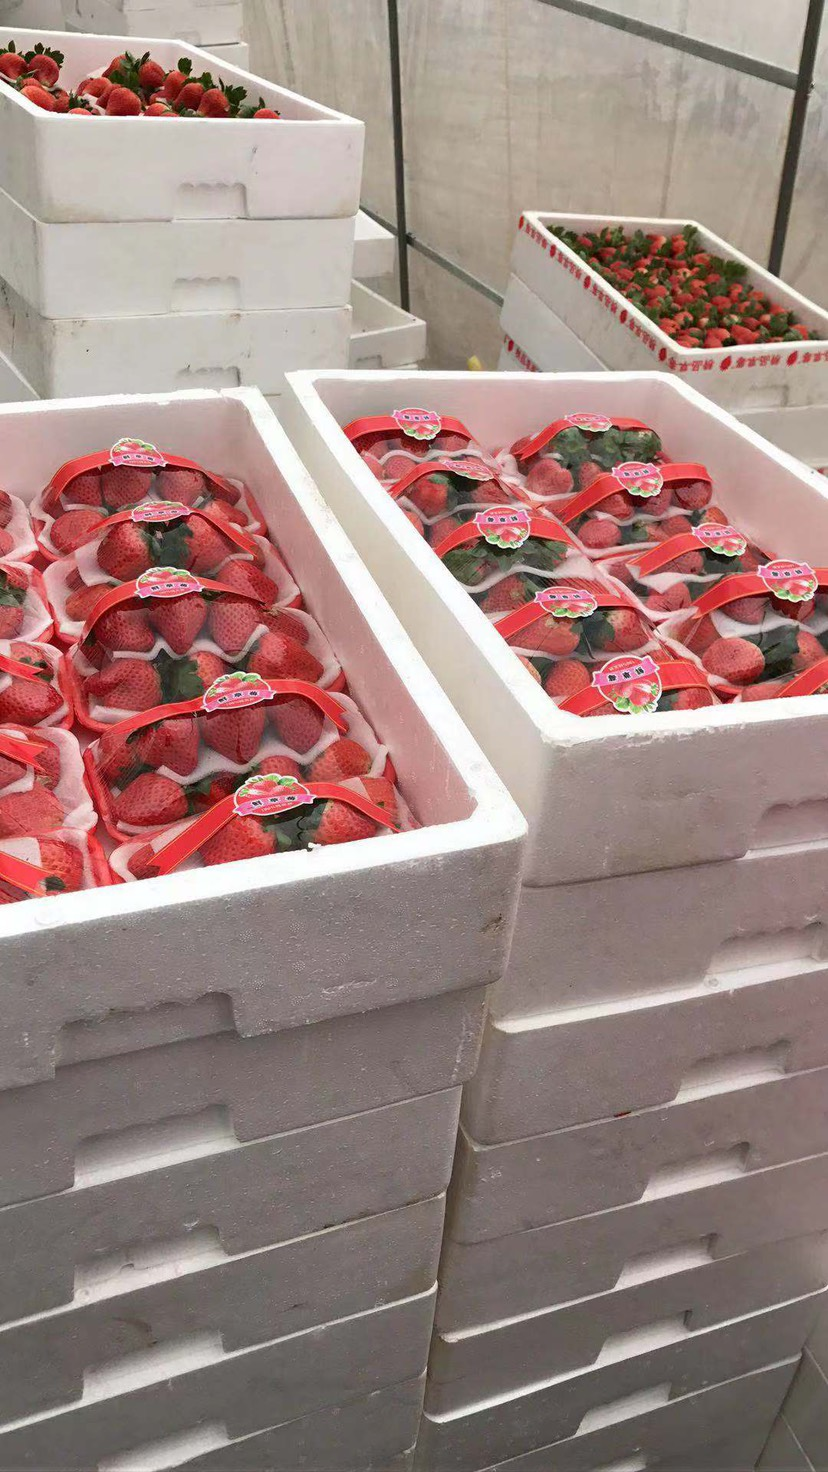 甜查理草莓 代收代購寧峰、寧玉、甜查里……10月底就開始出果子了!需要!